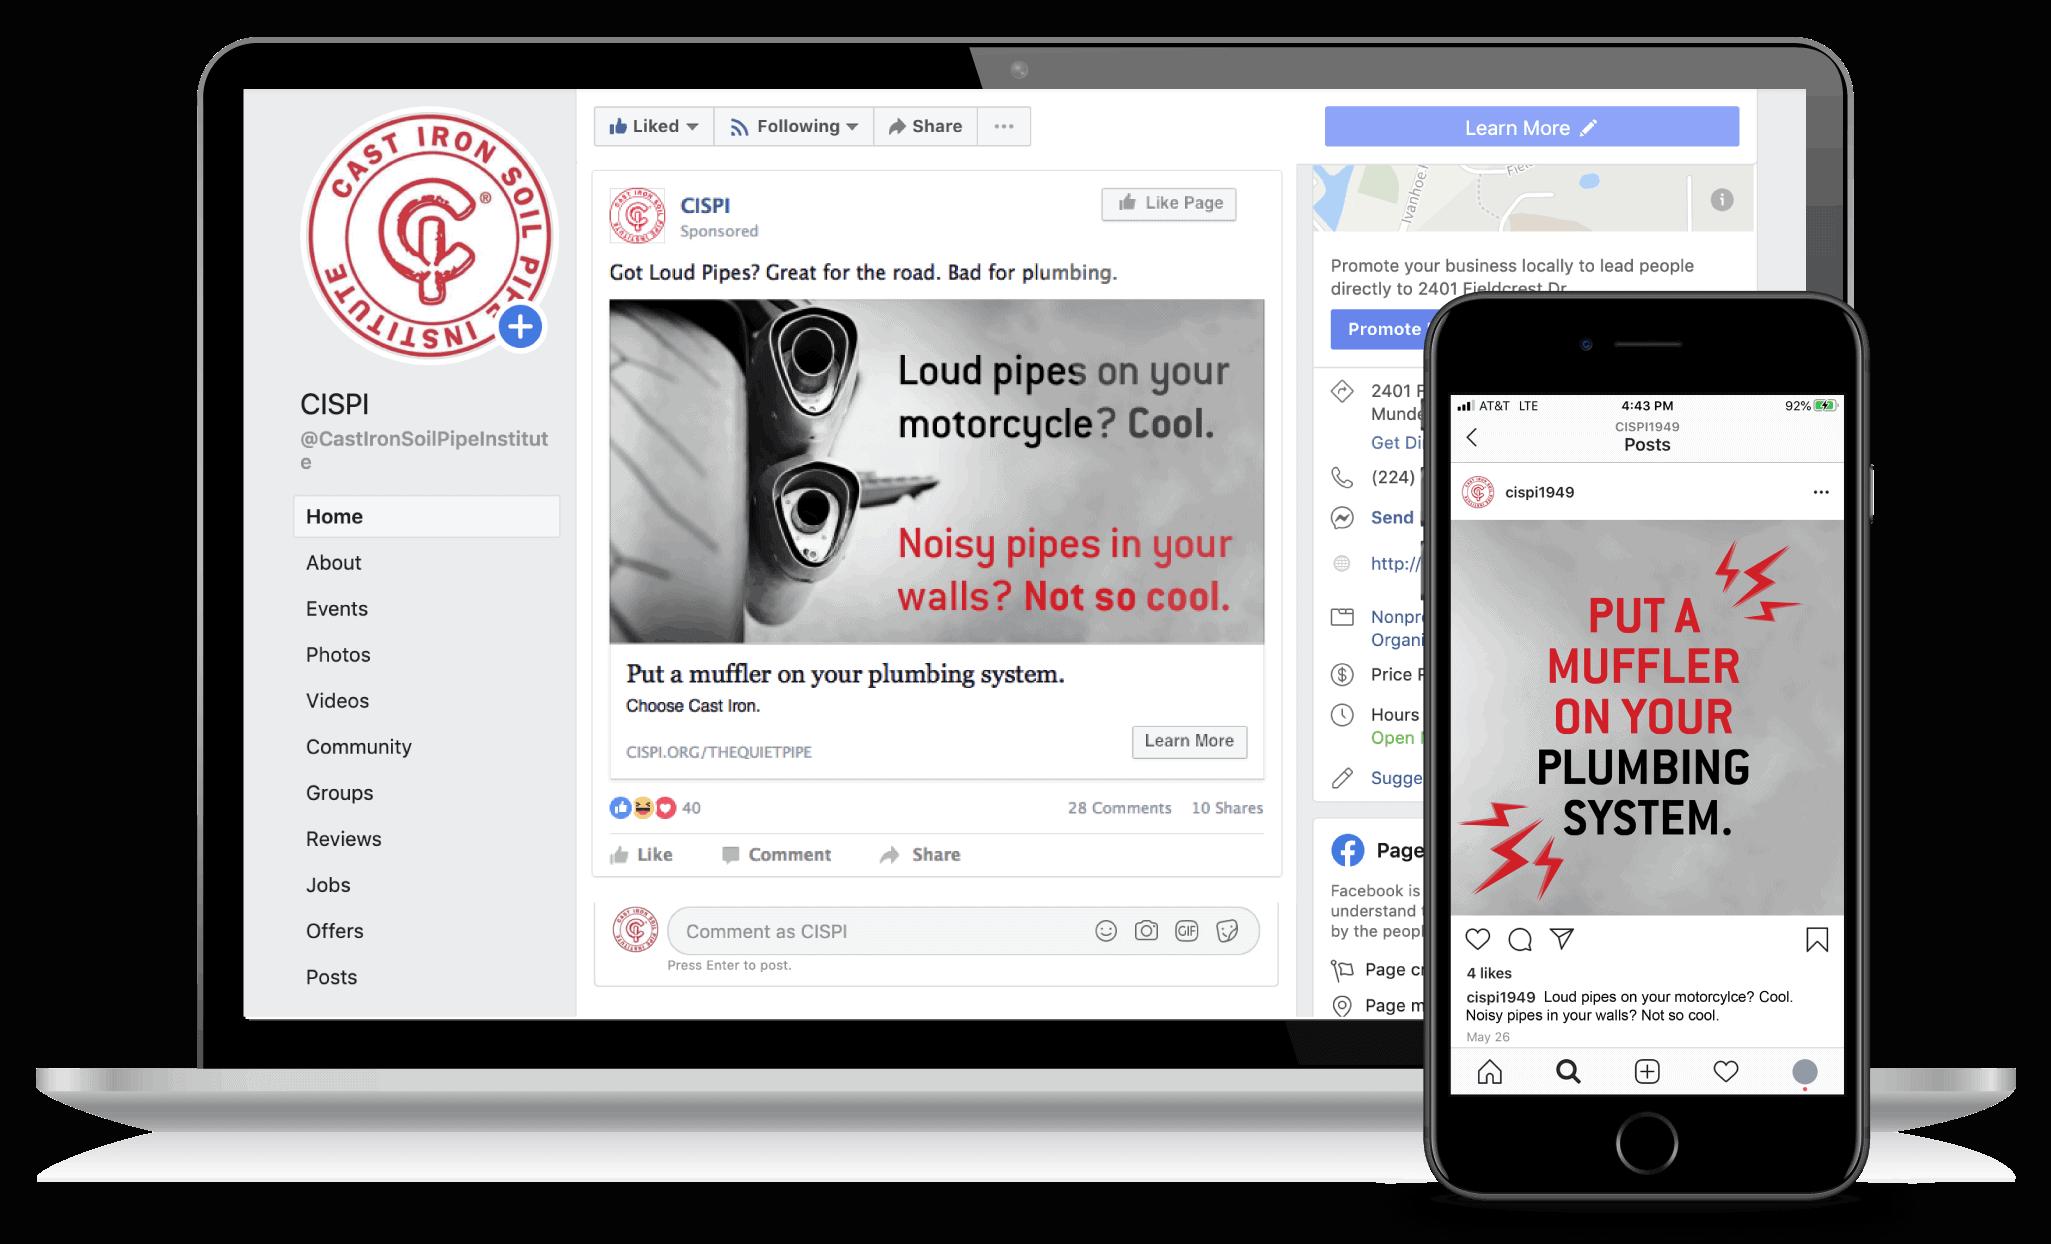 CISPI Social Media Campaign